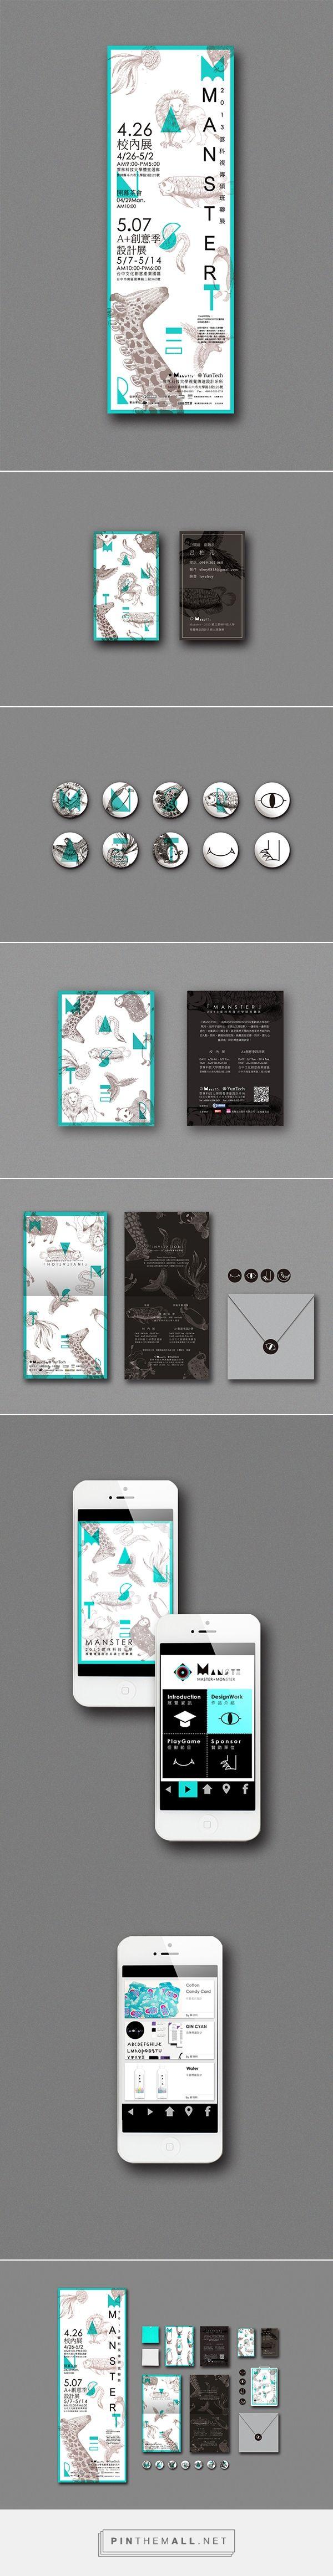 Manster Exhibition Branding by Erica Su